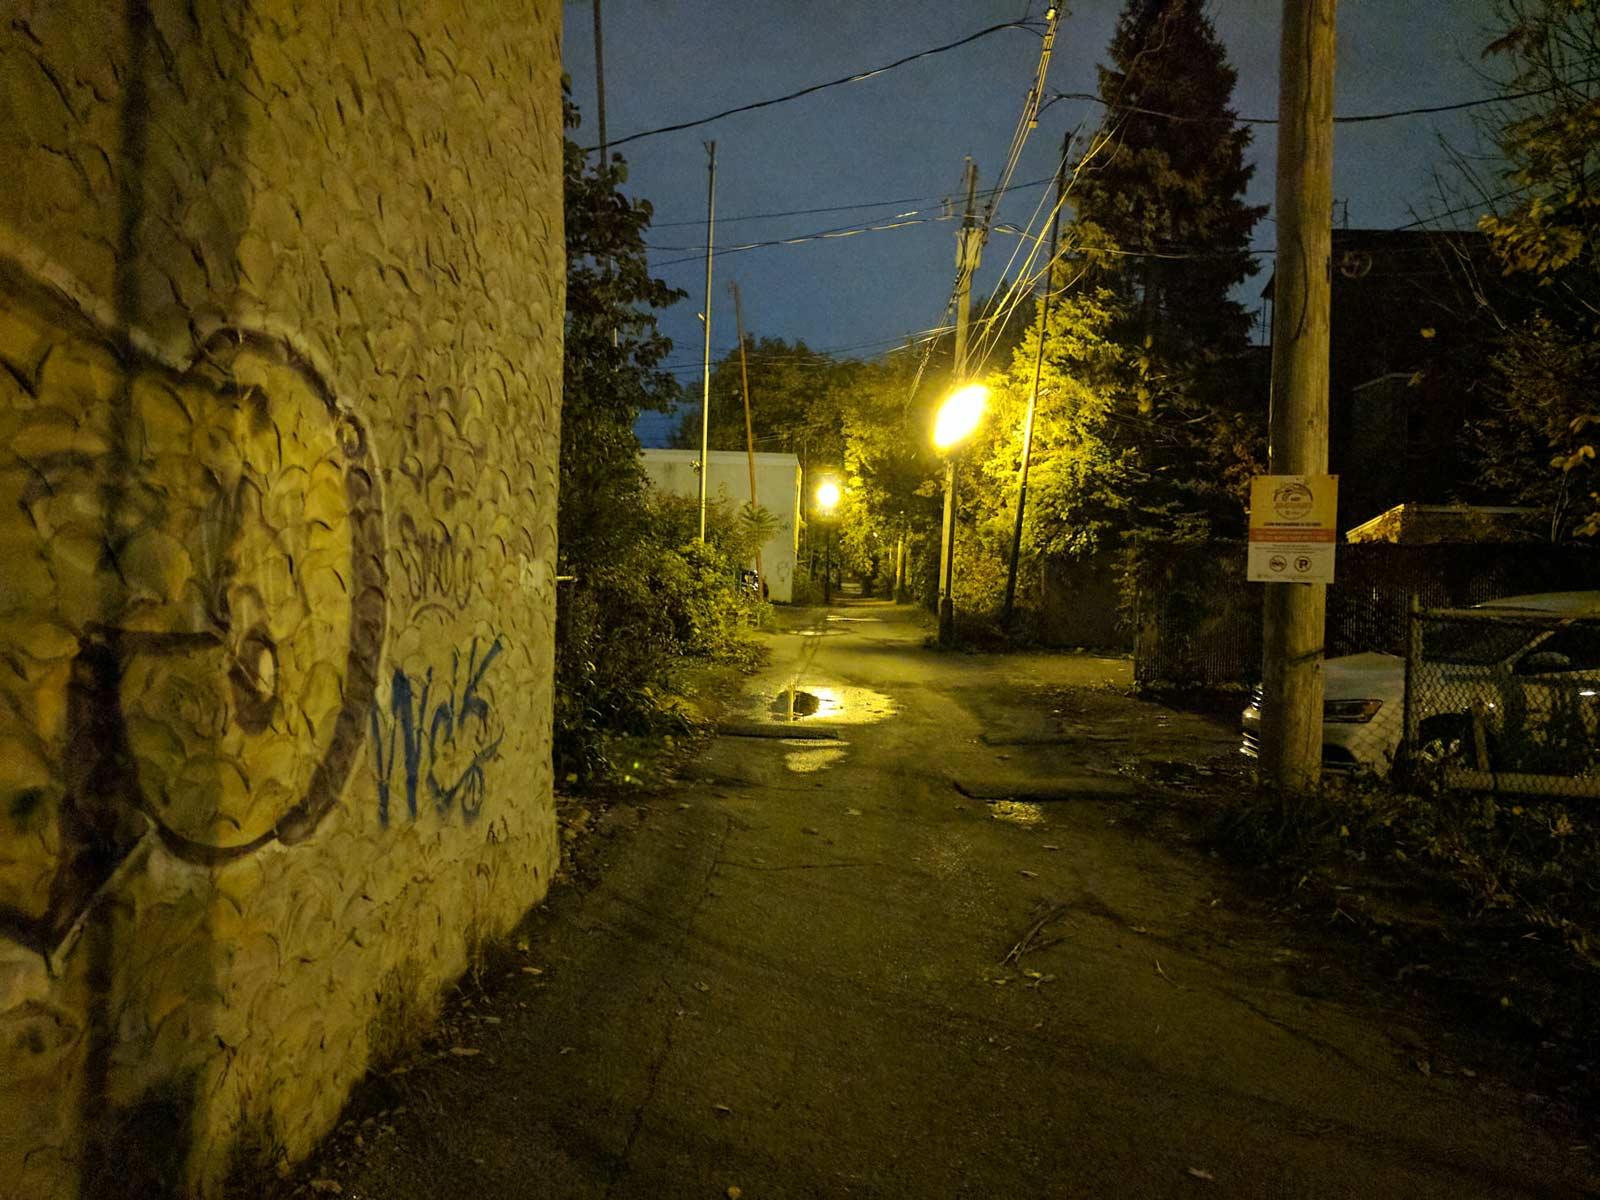 L'éclairage de cette ruelle était beaucoup plus orangé dans la réalité (voir le fichier original).